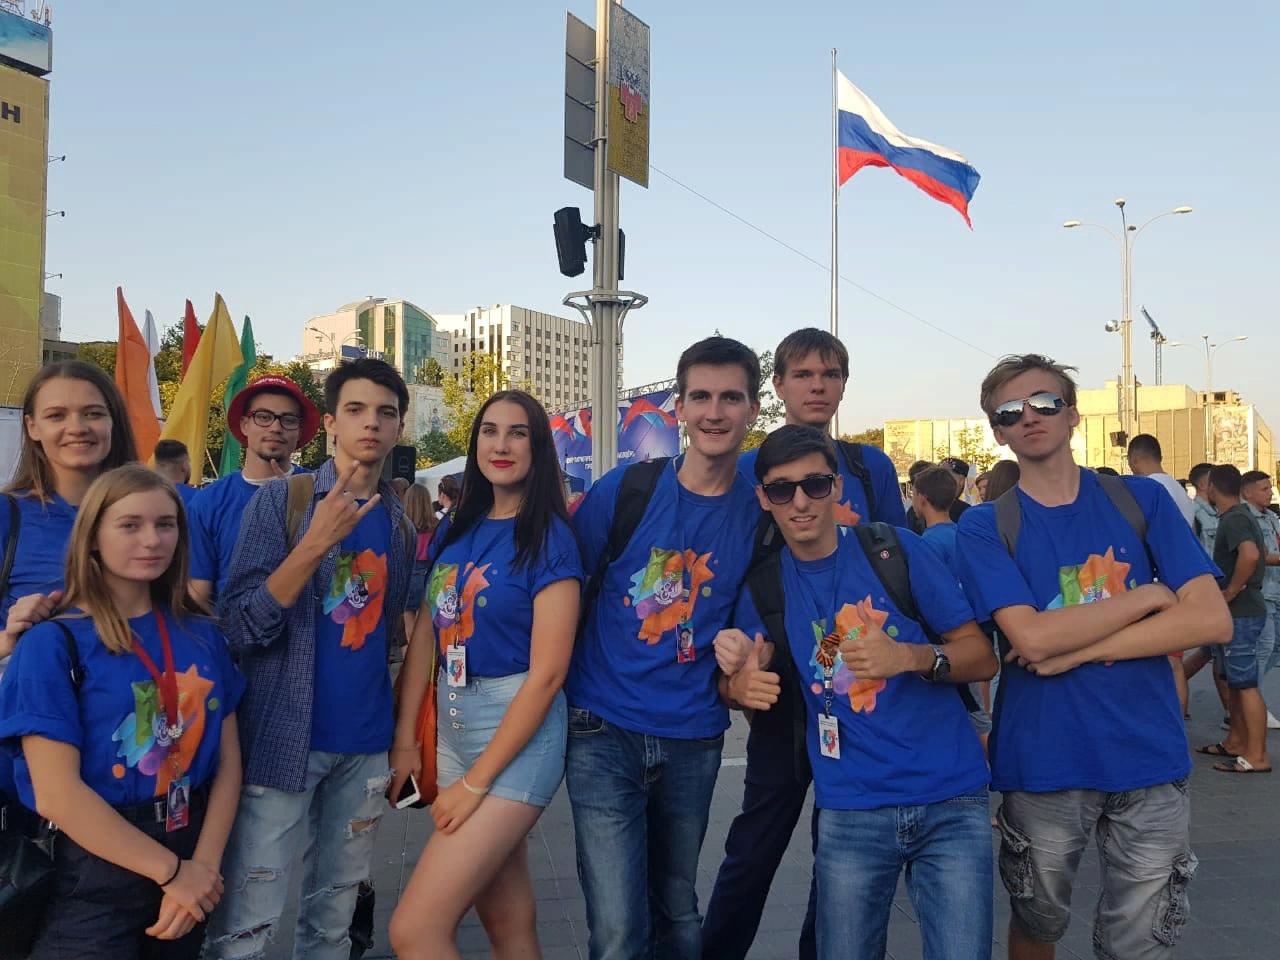 В День Государственного флага Российской Федерации прошла традиционная встреча участников молодёжного форума Кубани «Регион 93»